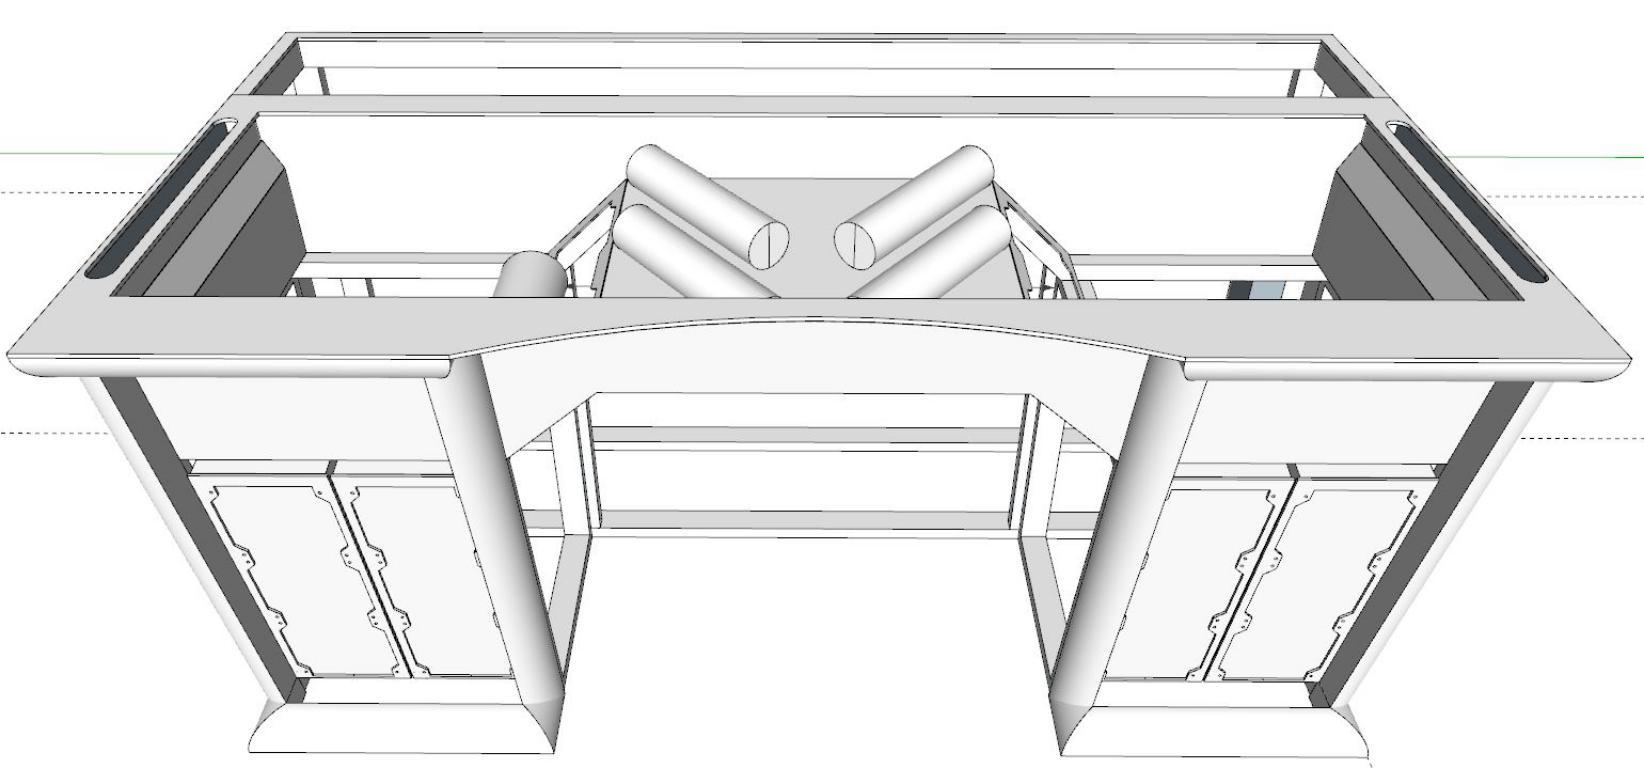 -ProeliuM-DESK Prototype